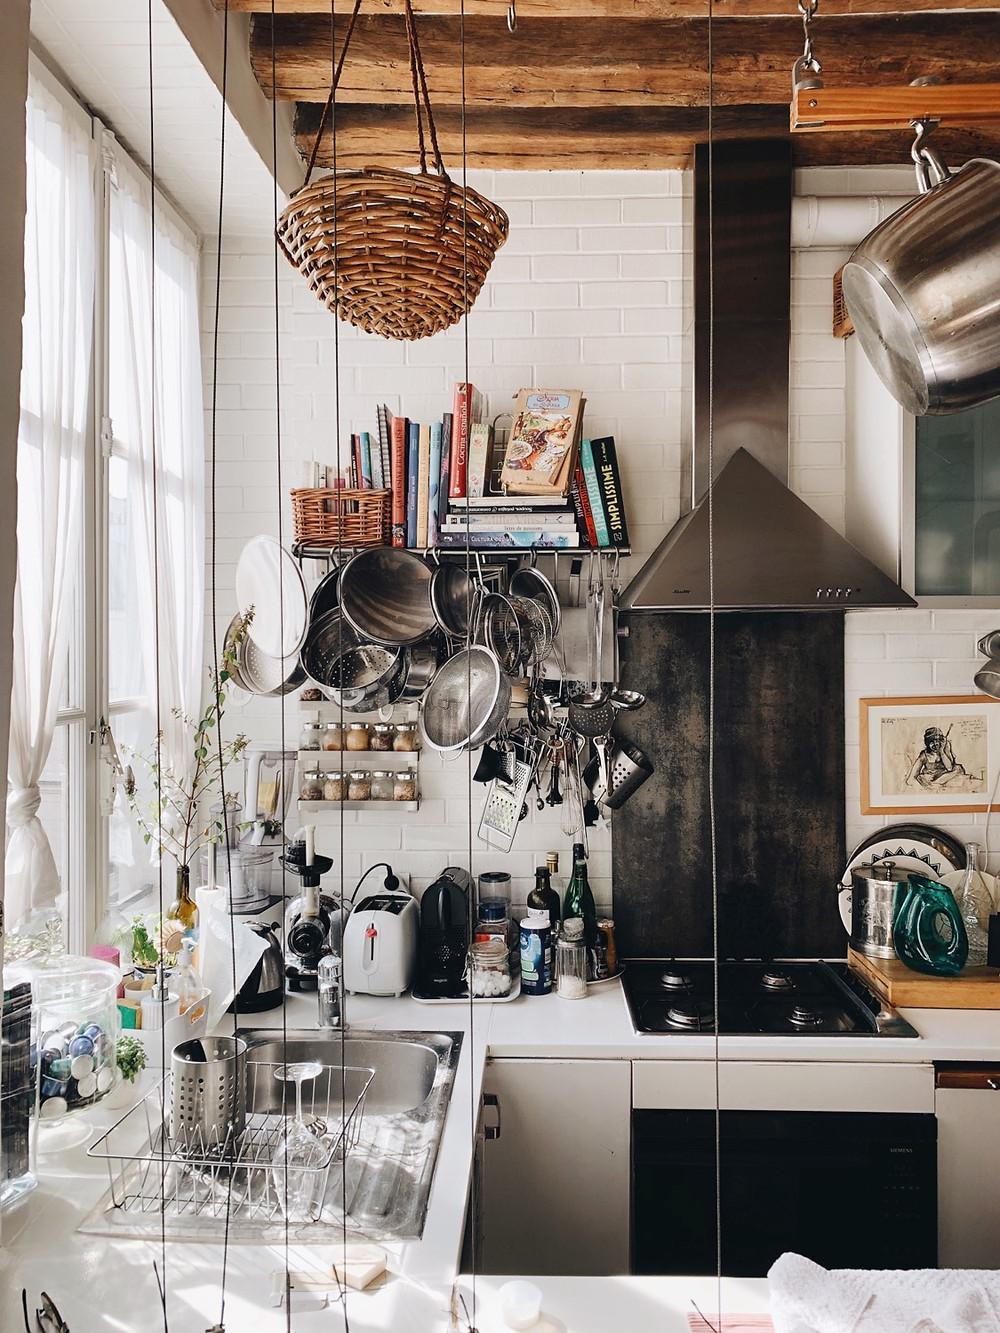 Tiny Parisian kitchen